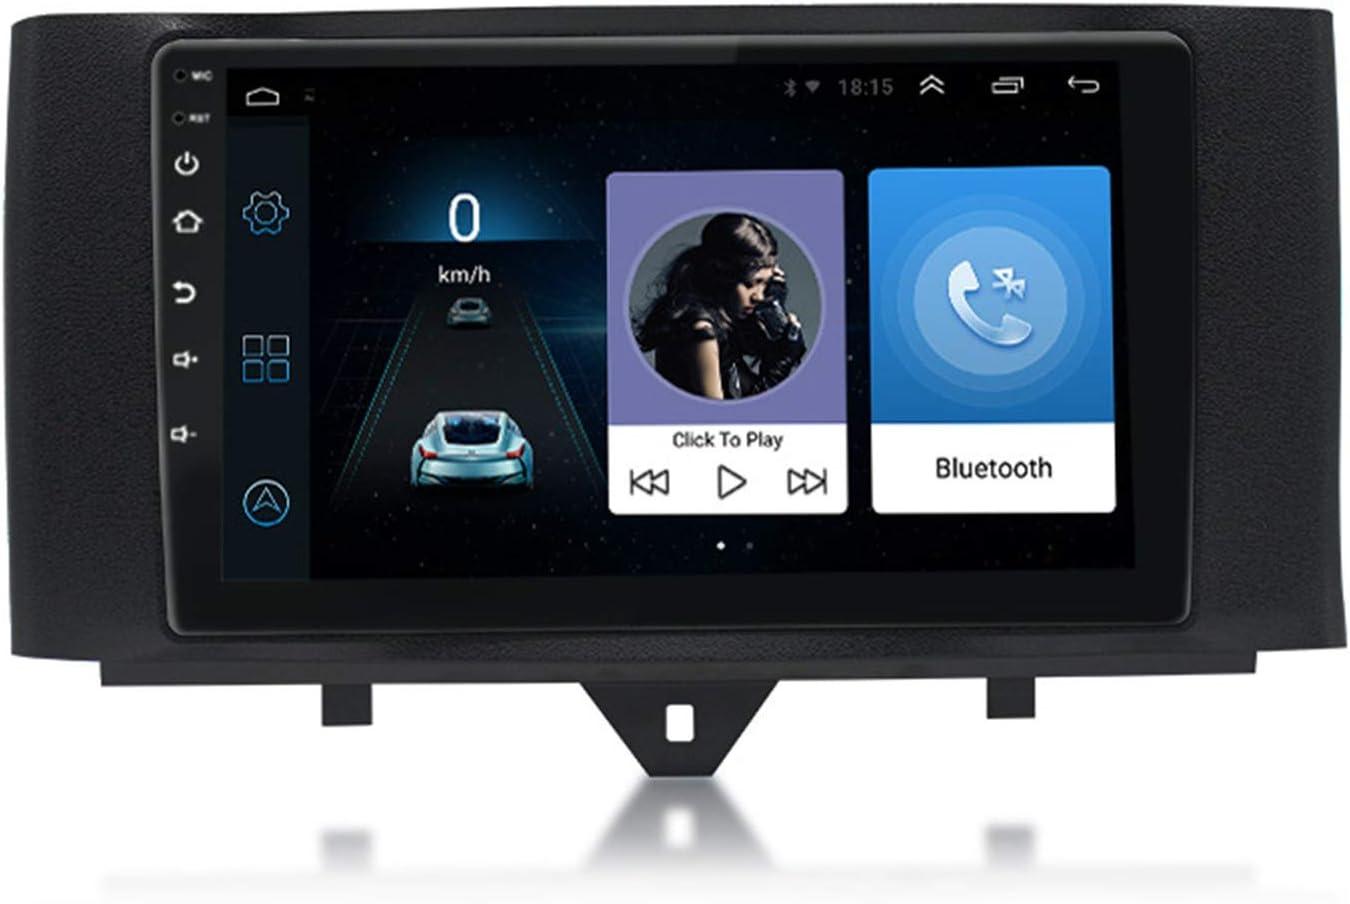 ZJ Android 9.1 Radio De Coche Unidad De Control De Navegación para Coche Reproductor Multimedia De PosicionamientoIPS 2.5D Pantalla Táctil para Mercedes-Benz Smart 11-15